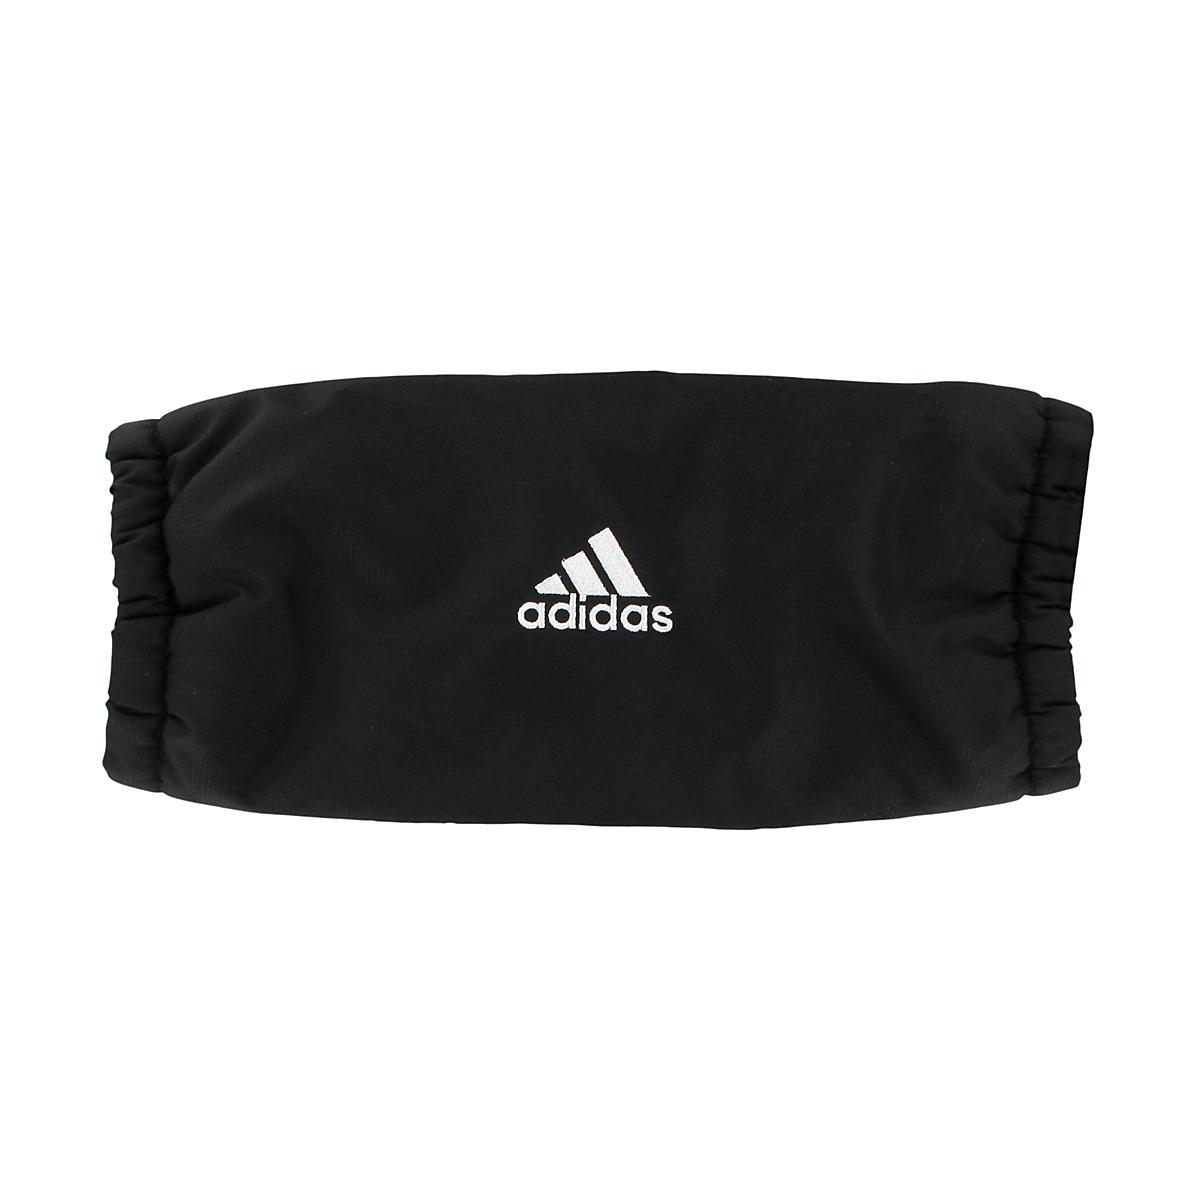 adidas�Football Hand Warmer